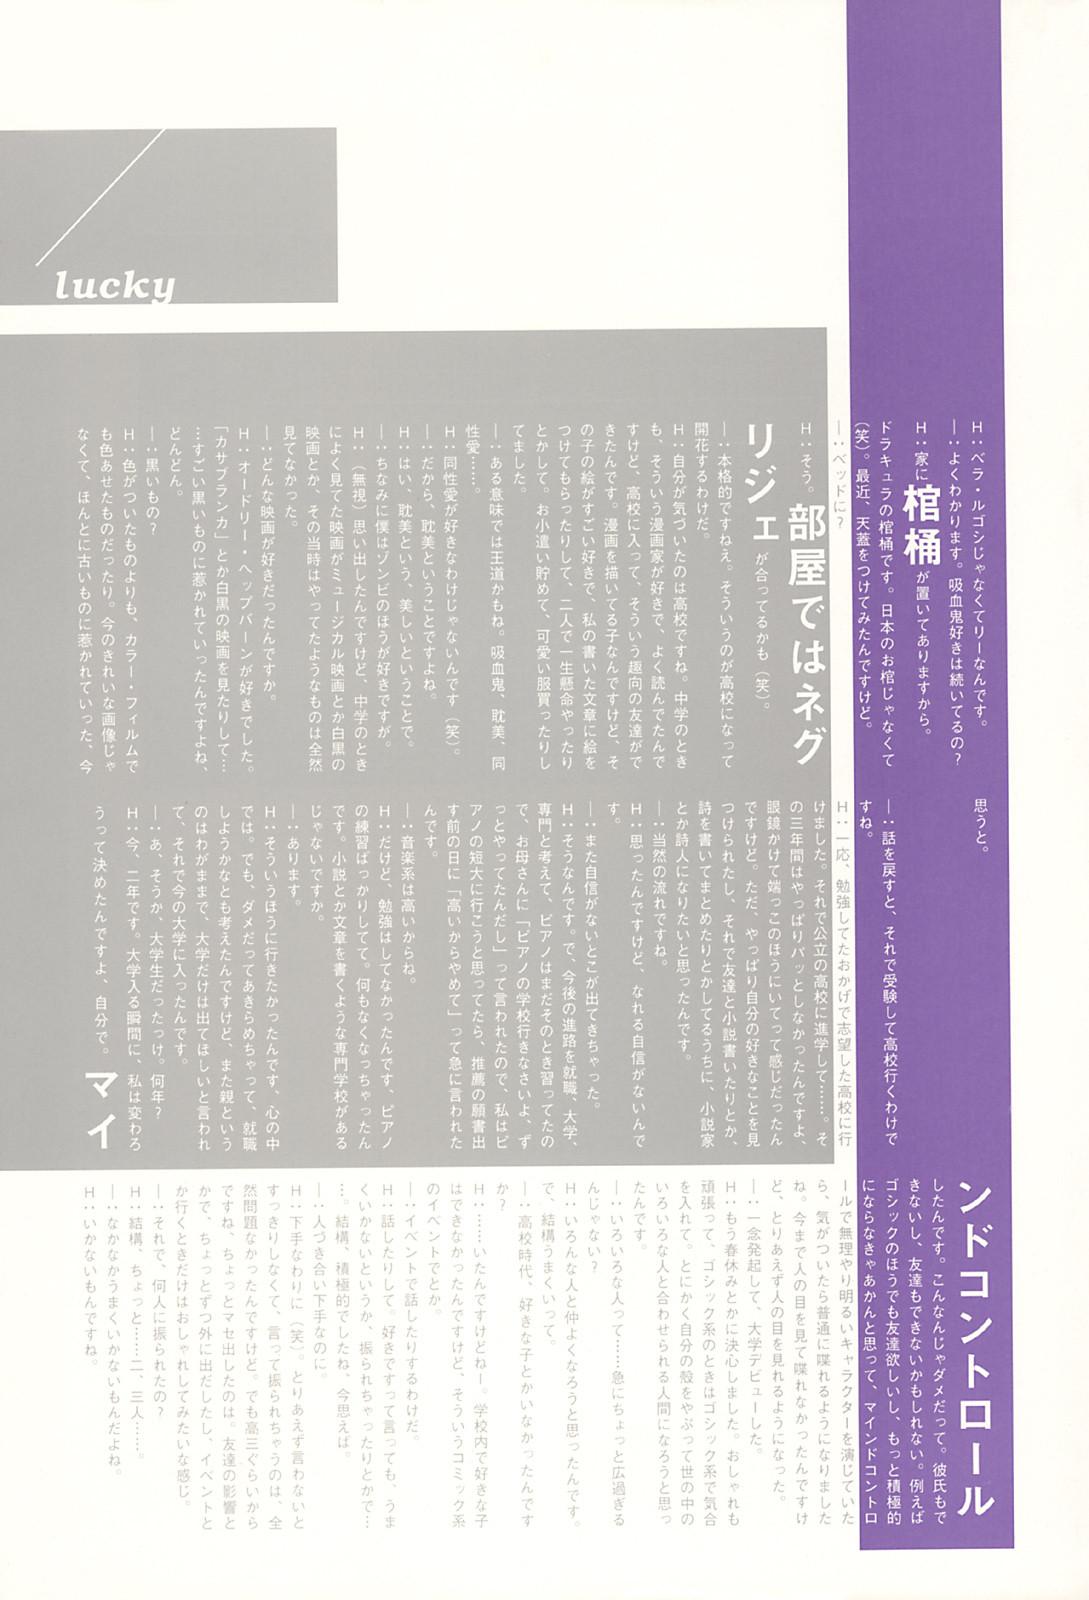 月刊 花井美里 写真集 hanai053